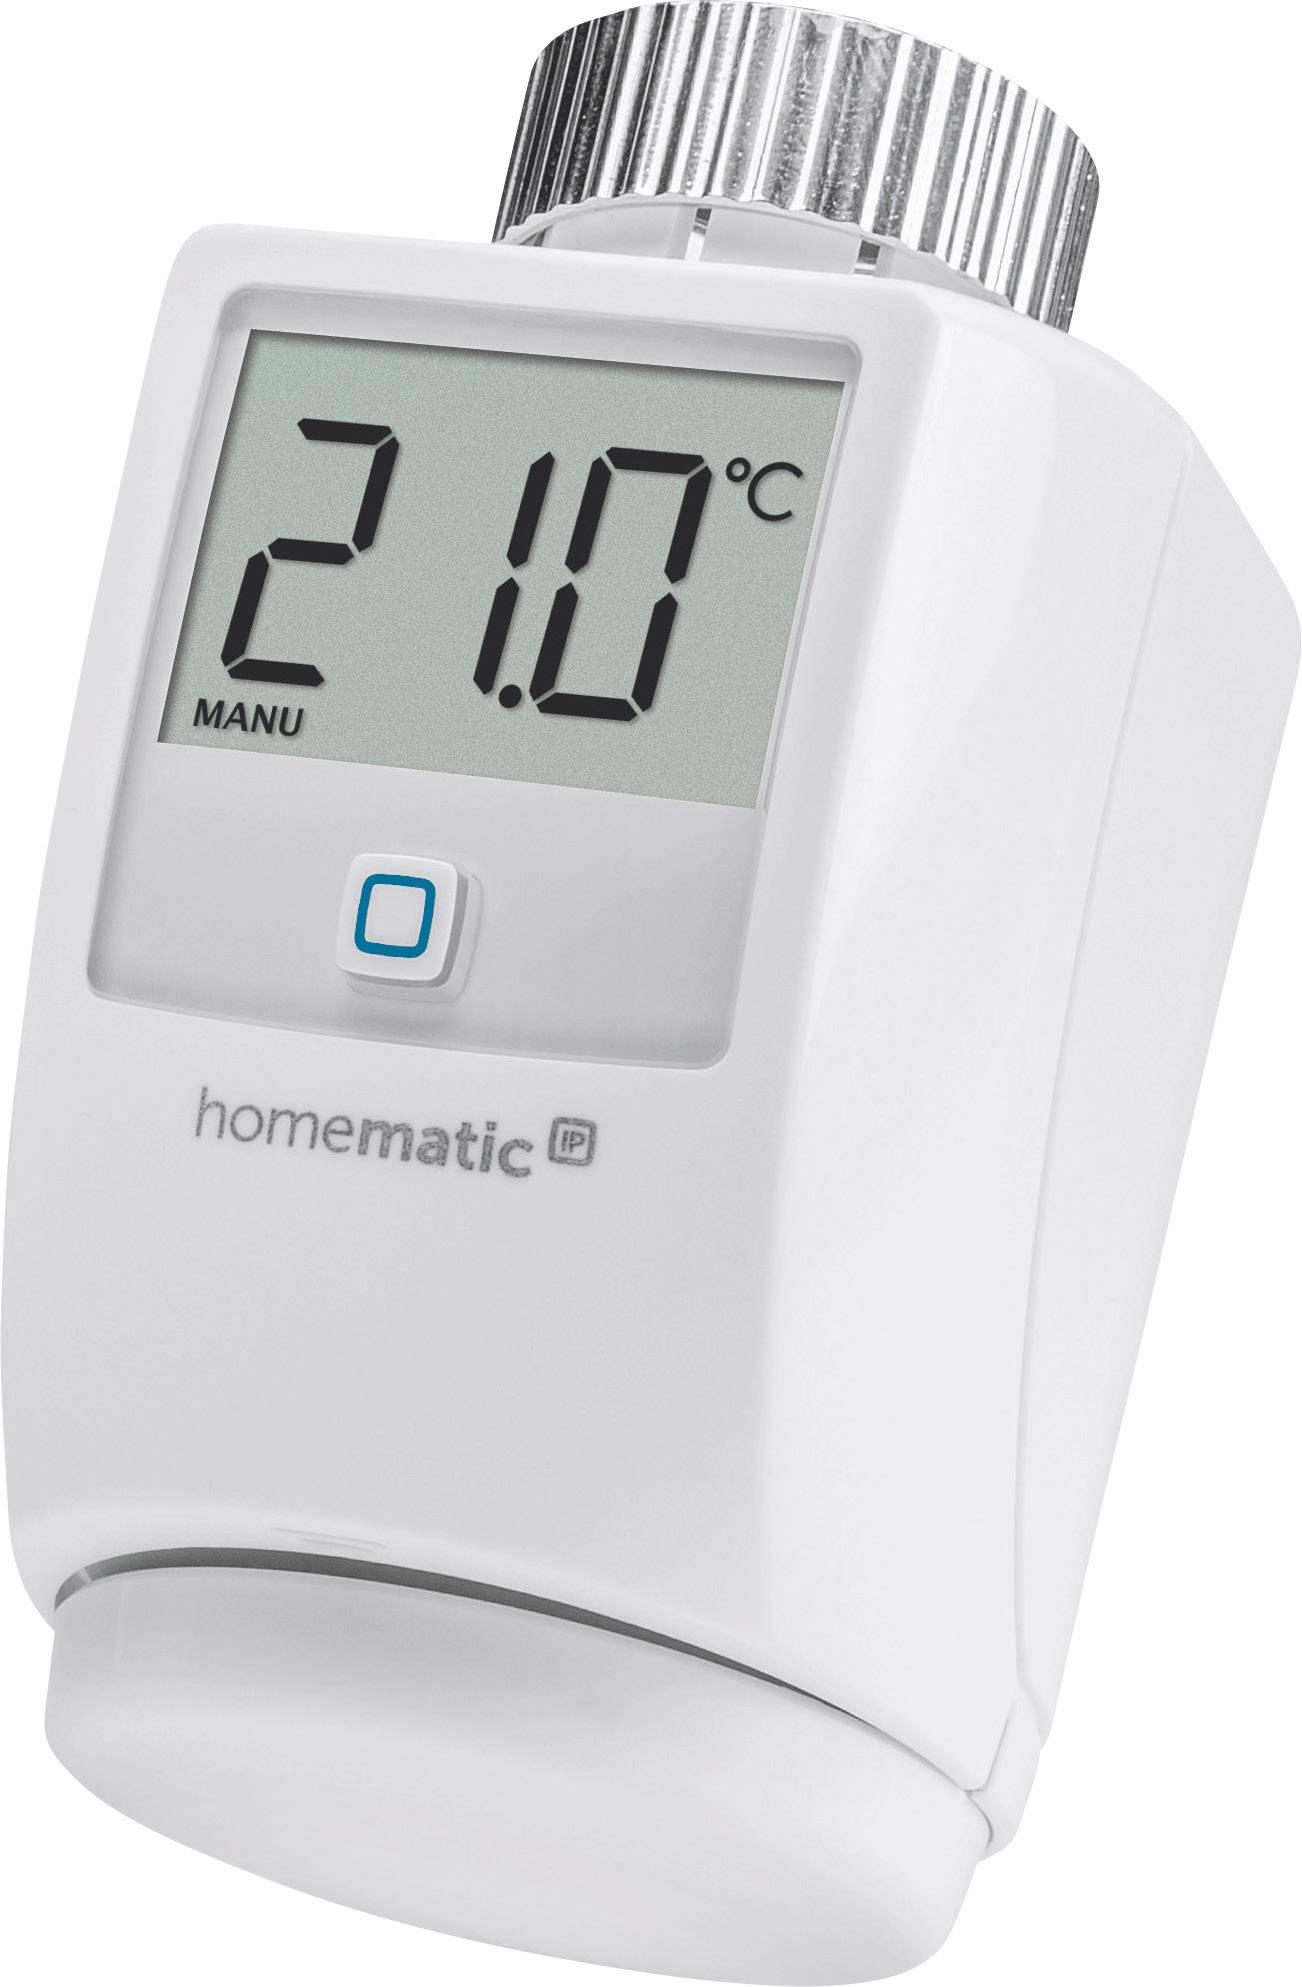 Homematic Robinet thermostatique sans fil pour radiateur - Homematic Ip